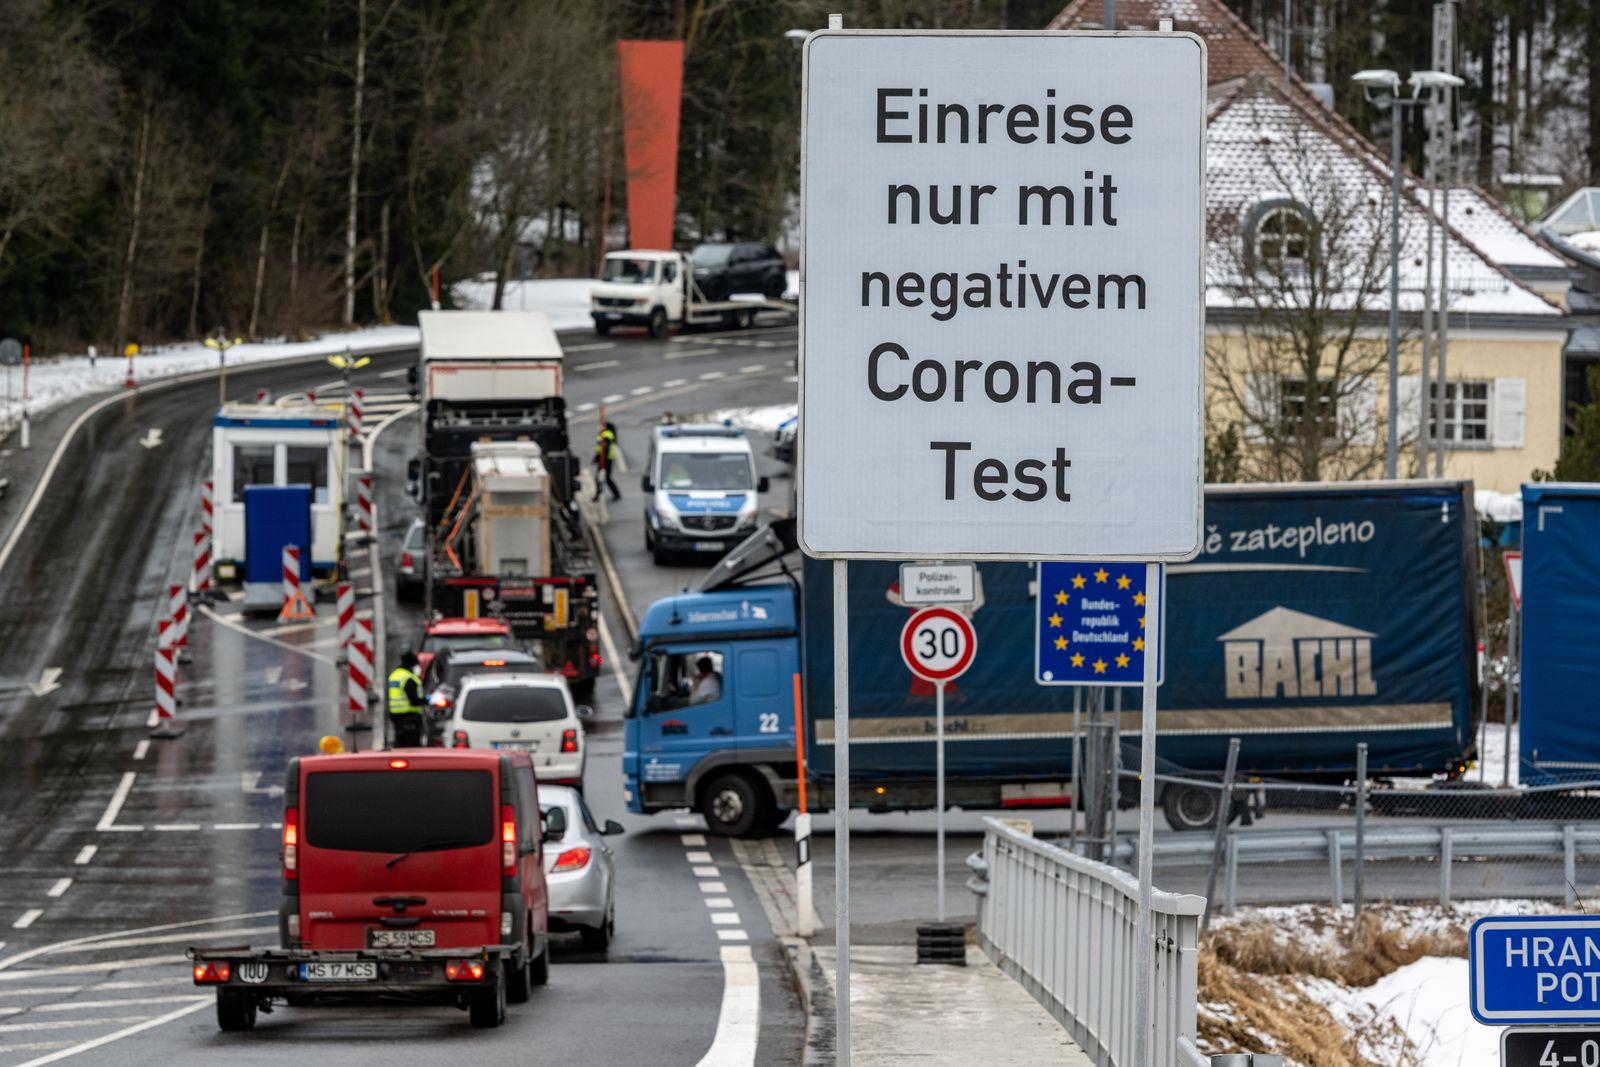 Coronavirus - Lage in der Grenzregion